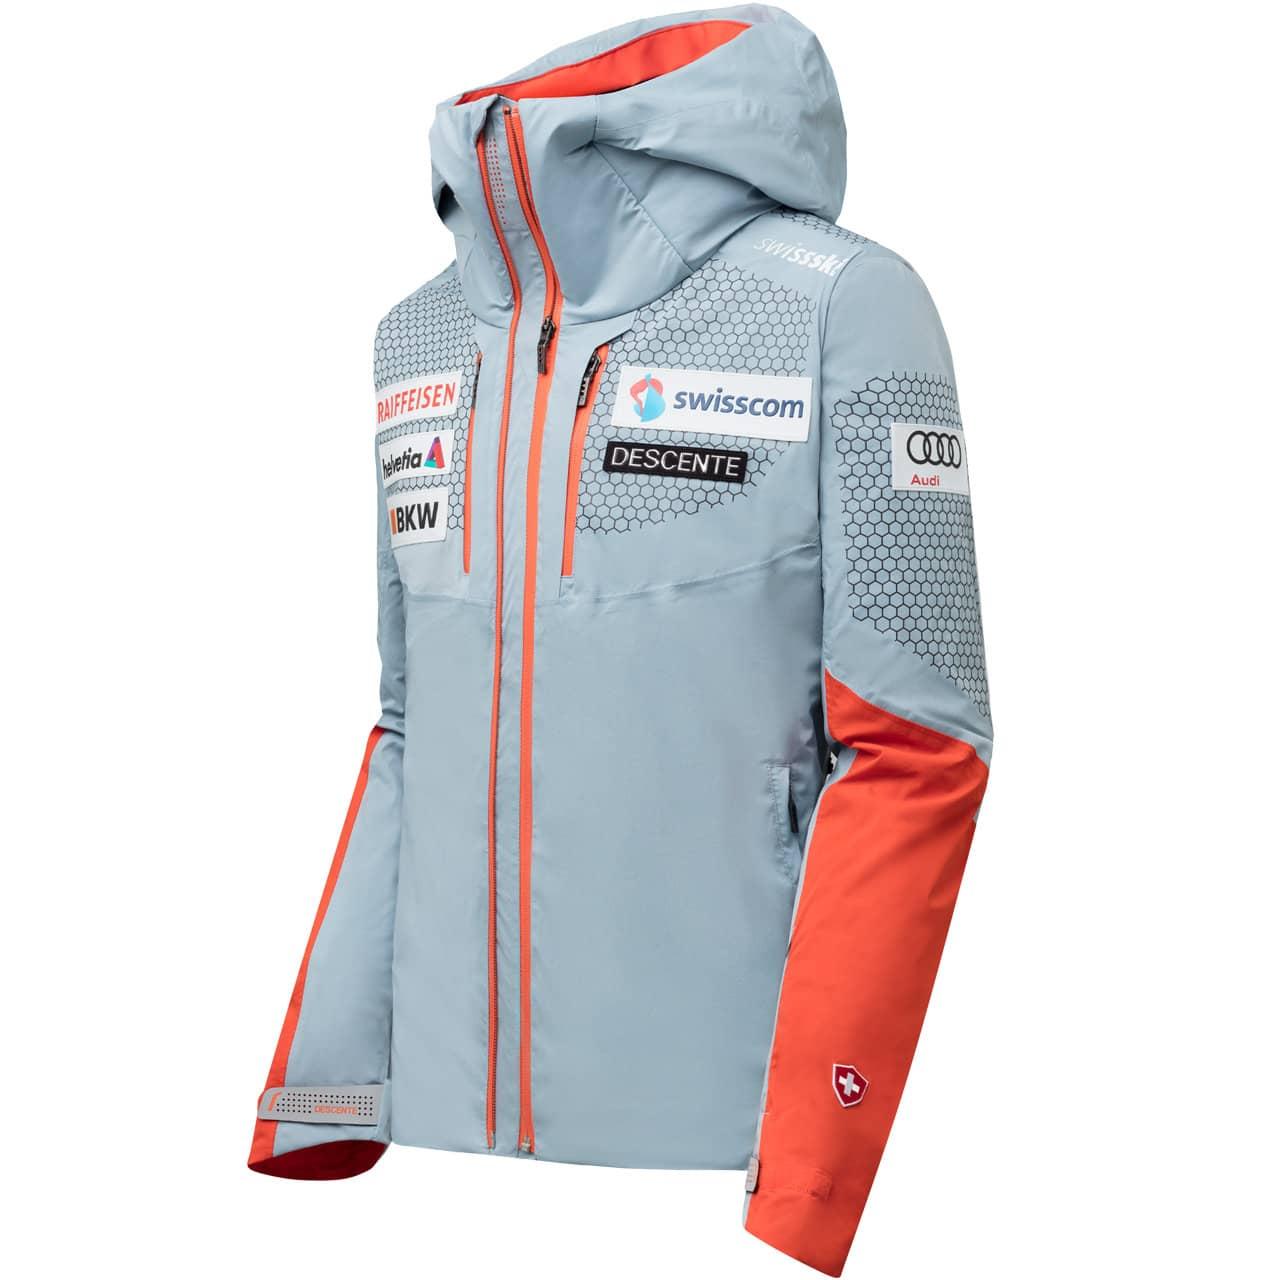 huge selection of 351ca 09fc9 Descente Ski Online Shop günstig kaufen